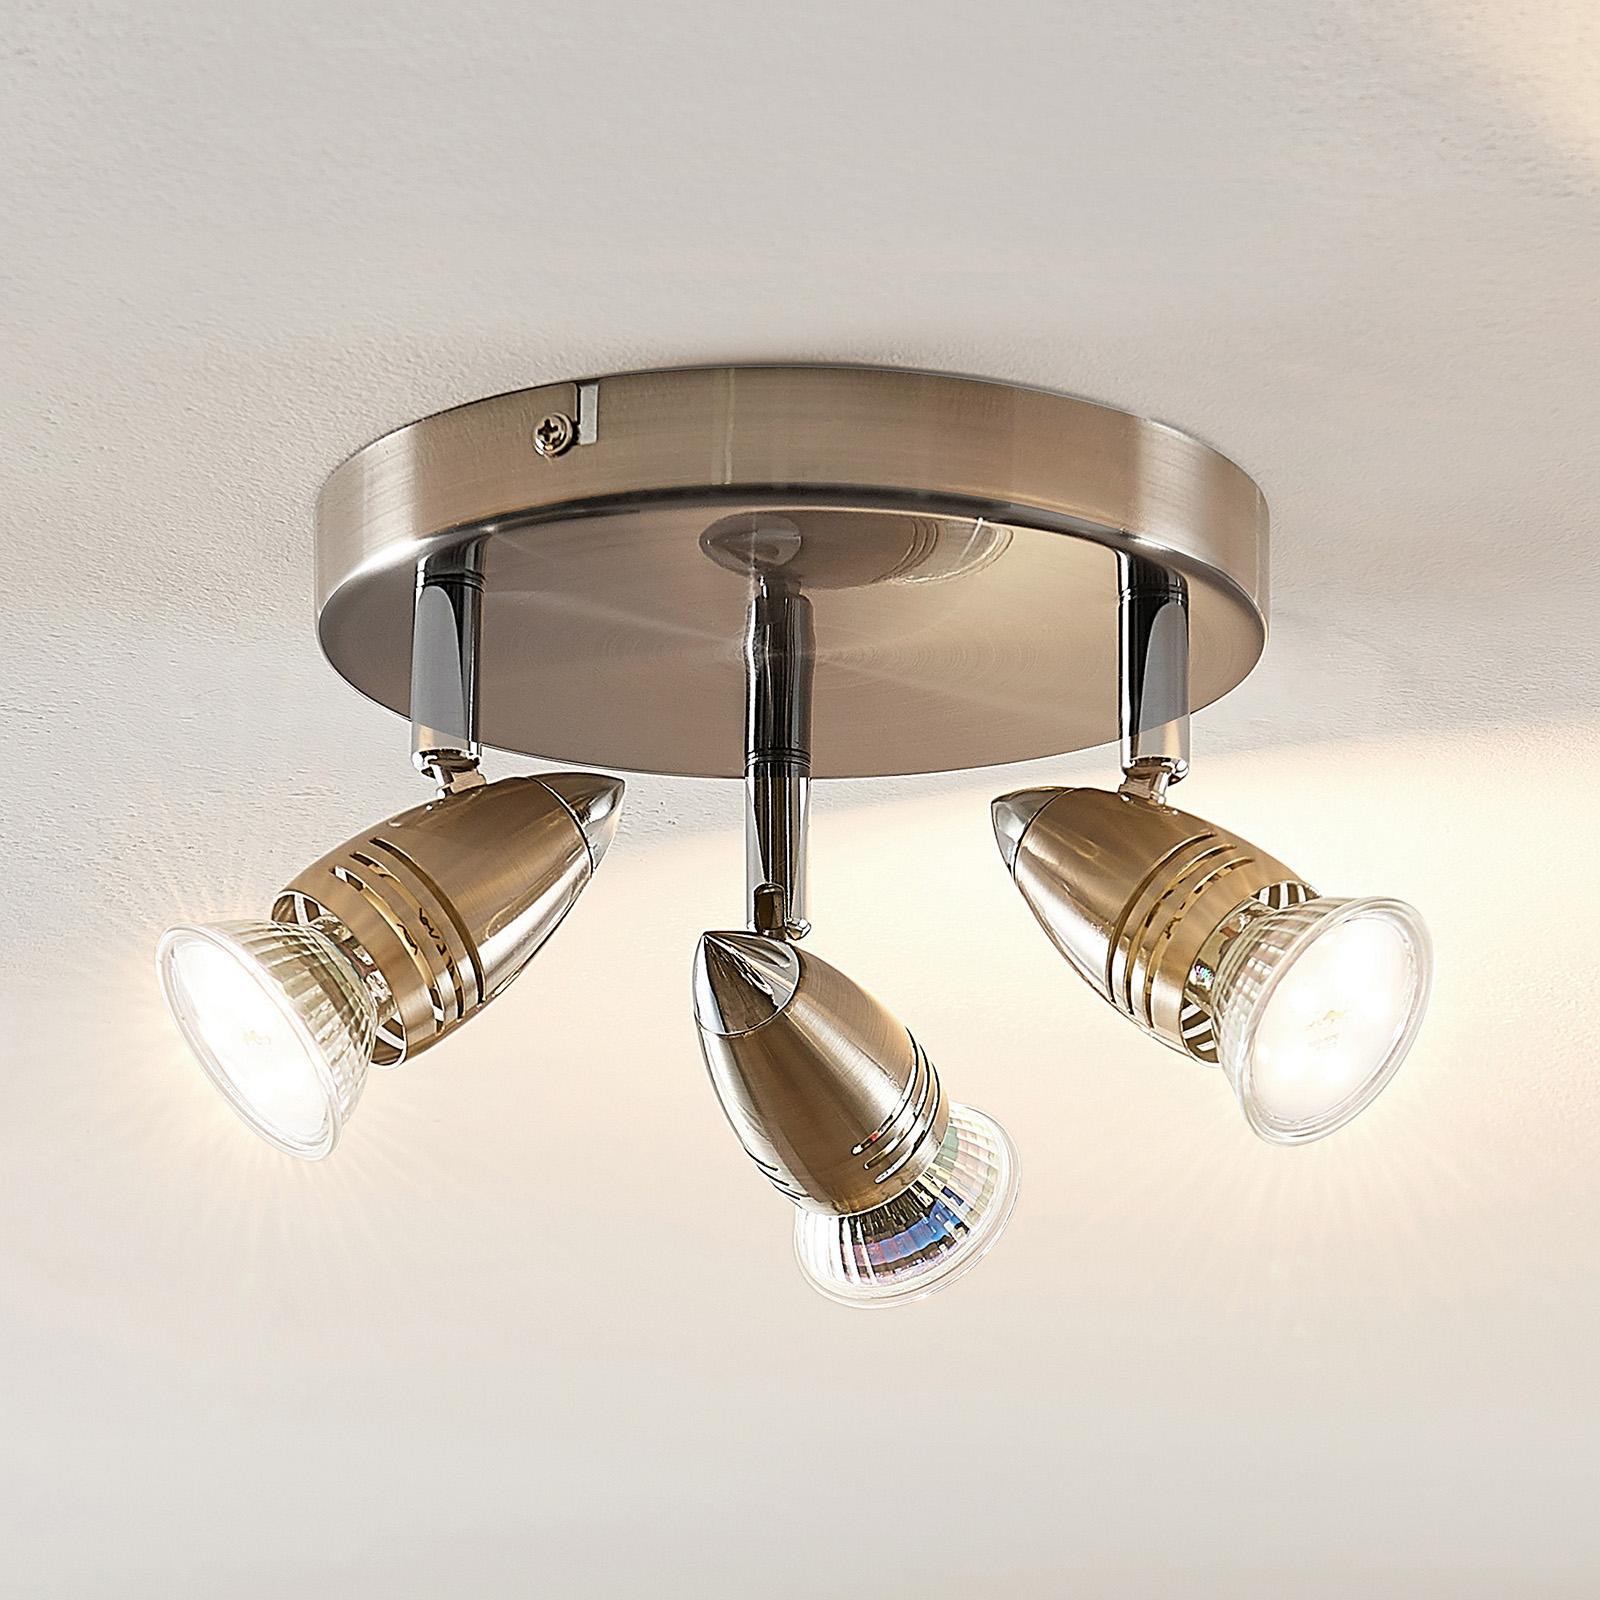 ELC Kalean LED-Deckenstrahler, nickel, 3-flammig